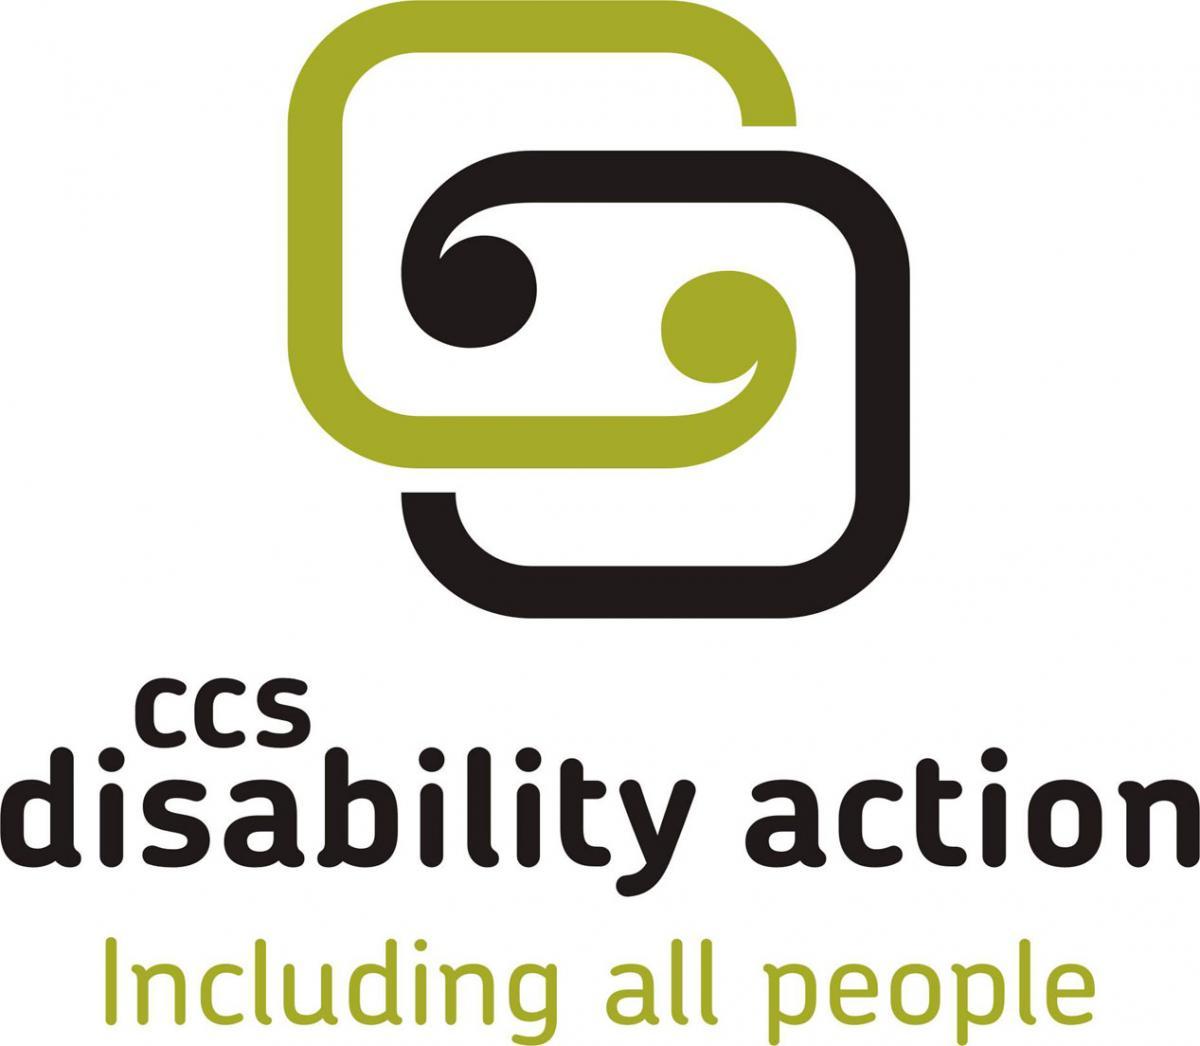 CCSDisabilityActionLogo